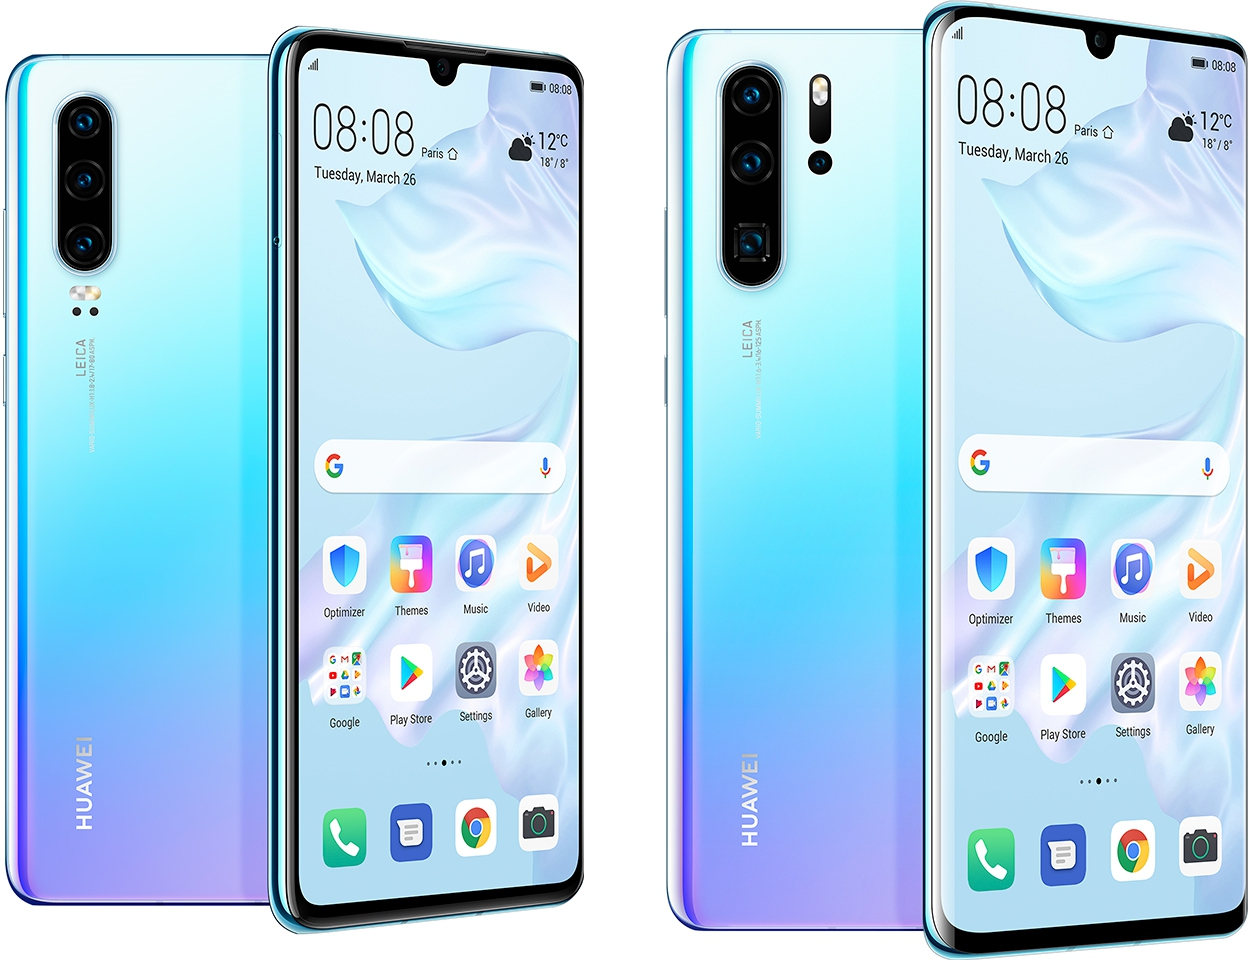 Huawei-P30-and-Huawei-P30-Pro